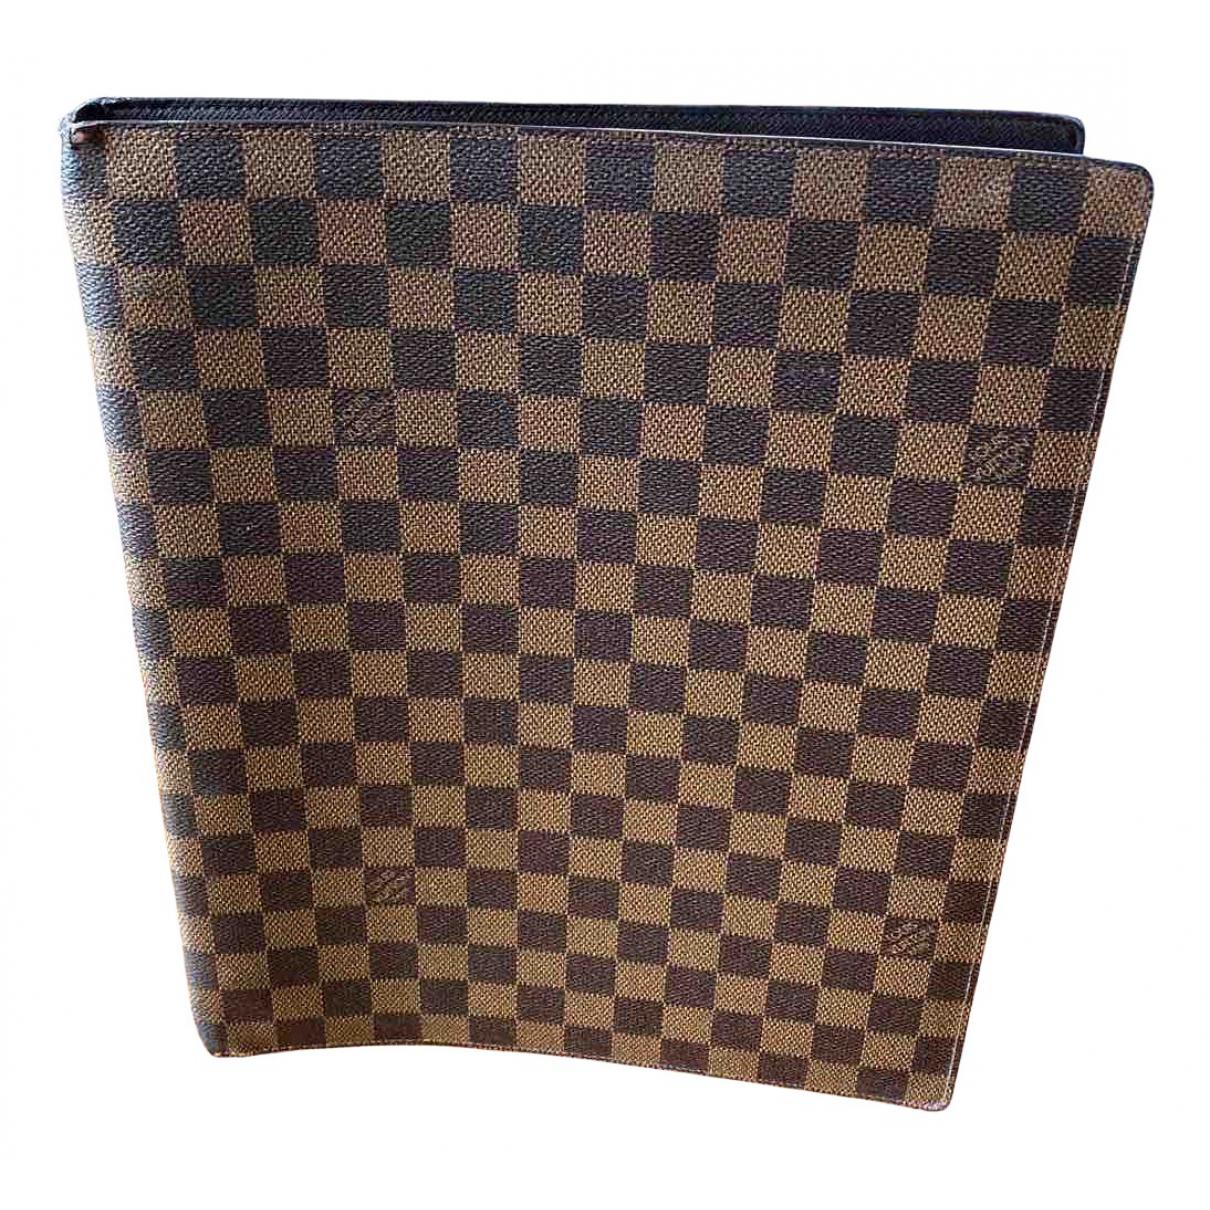 Louis Vuitton - Objets & Deco Couverture dagenda GM pour lifestyle en toile - marron